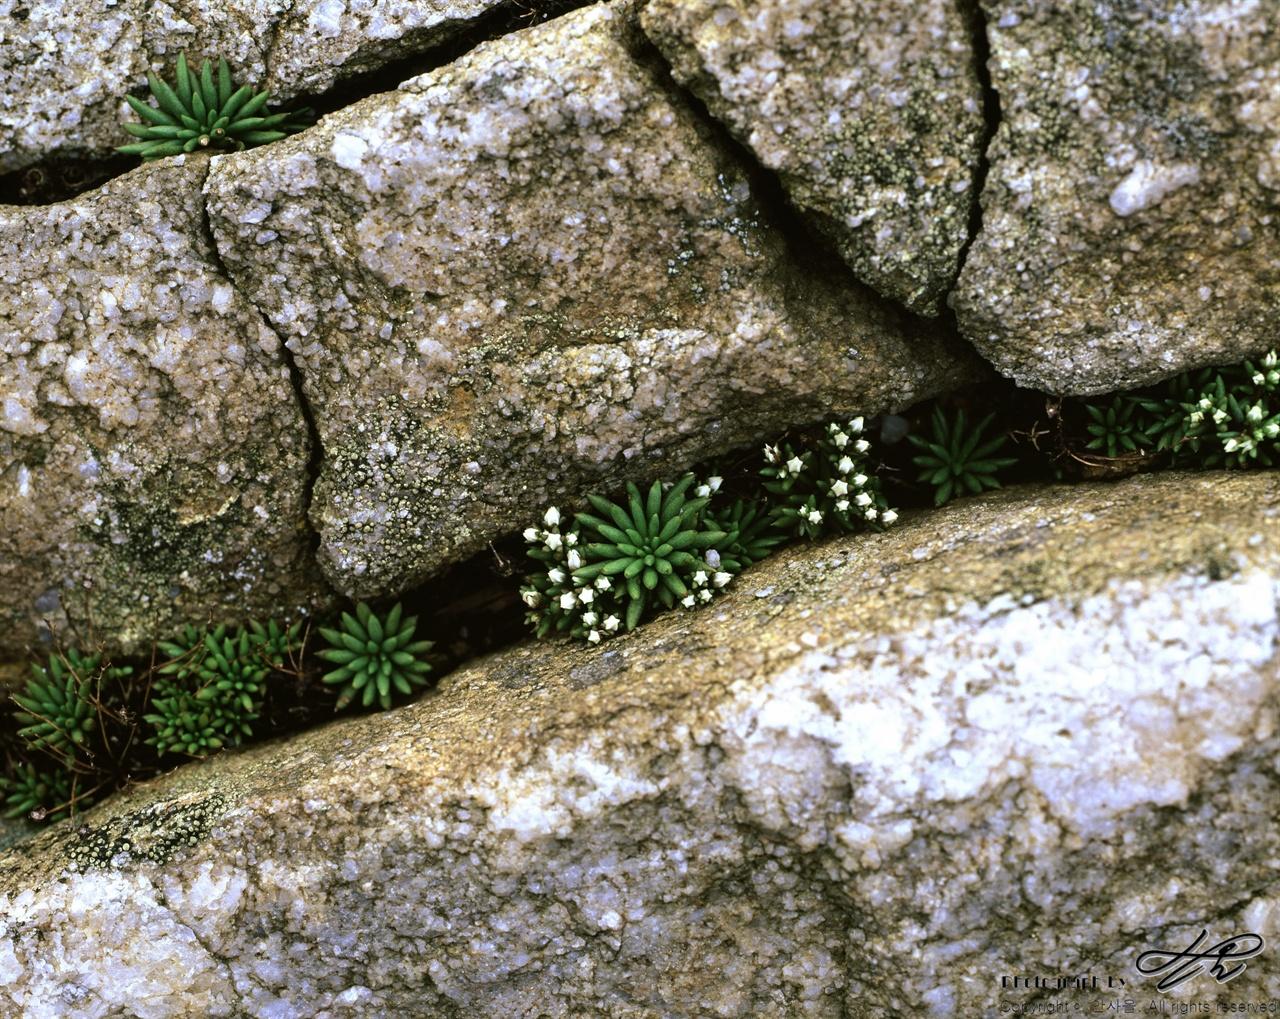 귀한 꽃 (67ii/Velvia100)정상에서 만난 어떤 분에 의하면 '돌솔'이라는 꽃이라고 했다. 그 분은 상당히 귀한 꽃이라며 흥분을 금치 못하셨다.